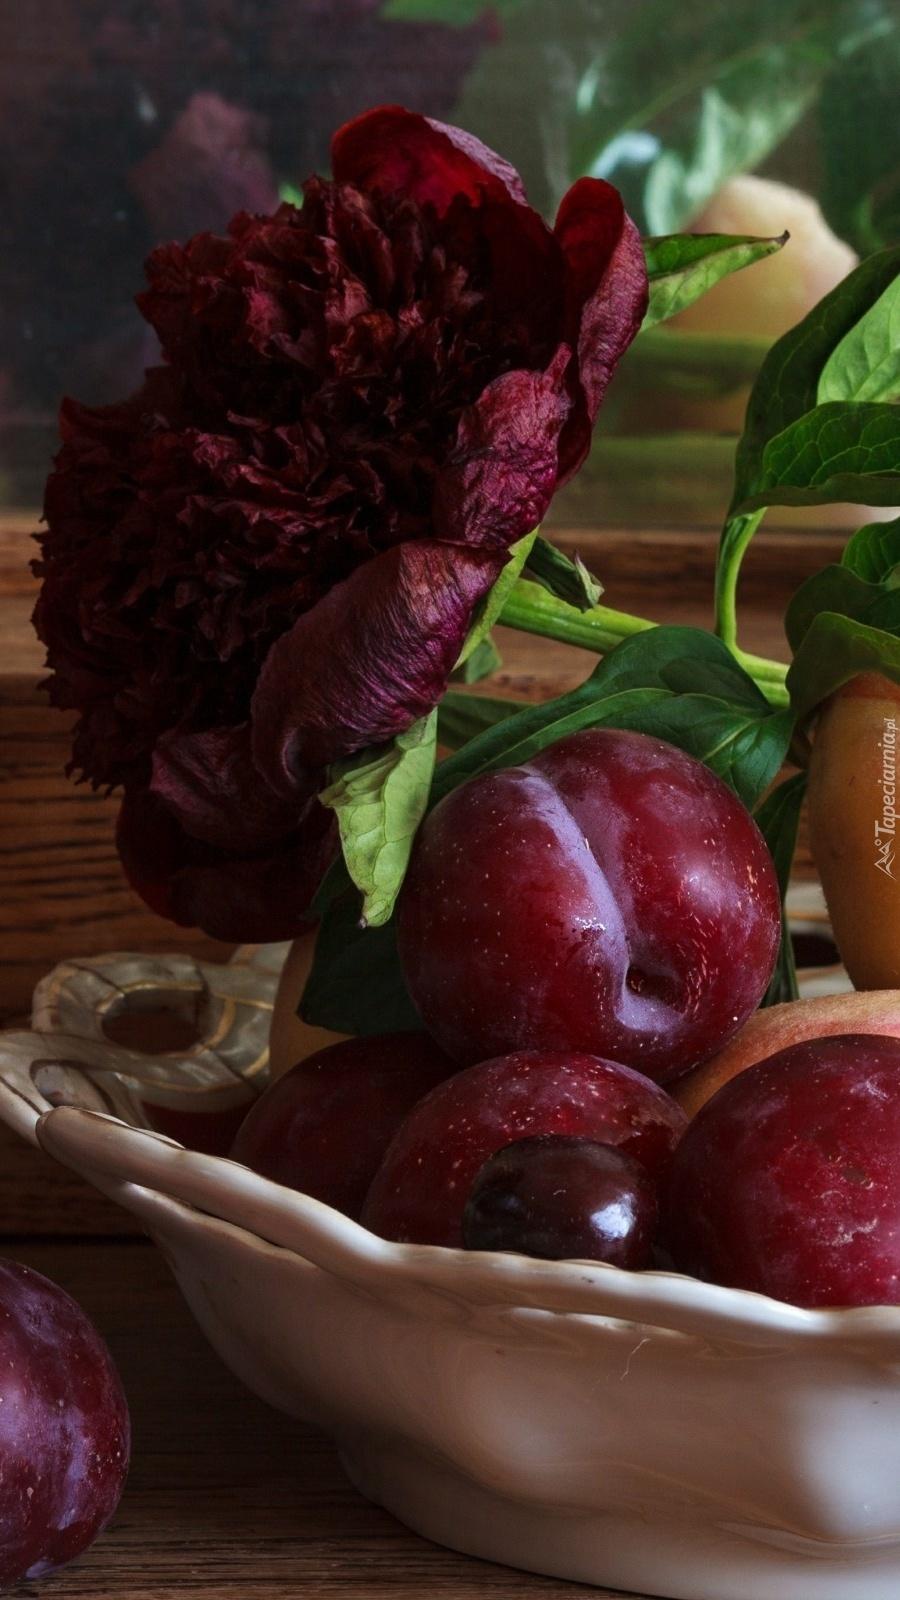 Śliwki w misce przyozdobione piwonią